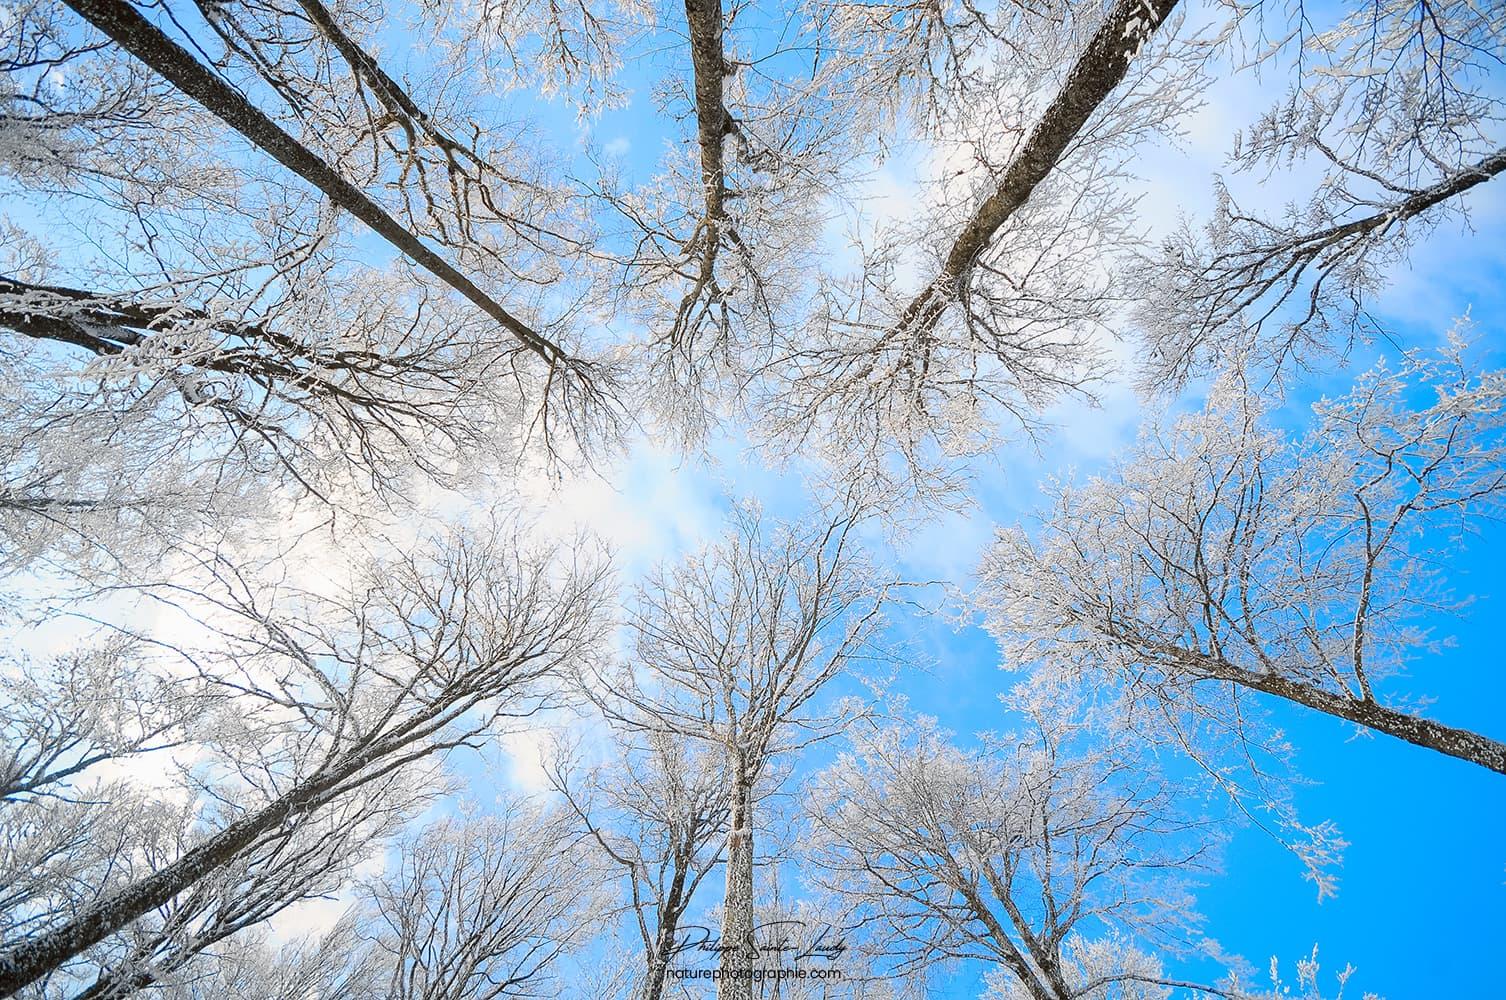 Arbres gelés en contre-plongé sur fond de ciel bleu